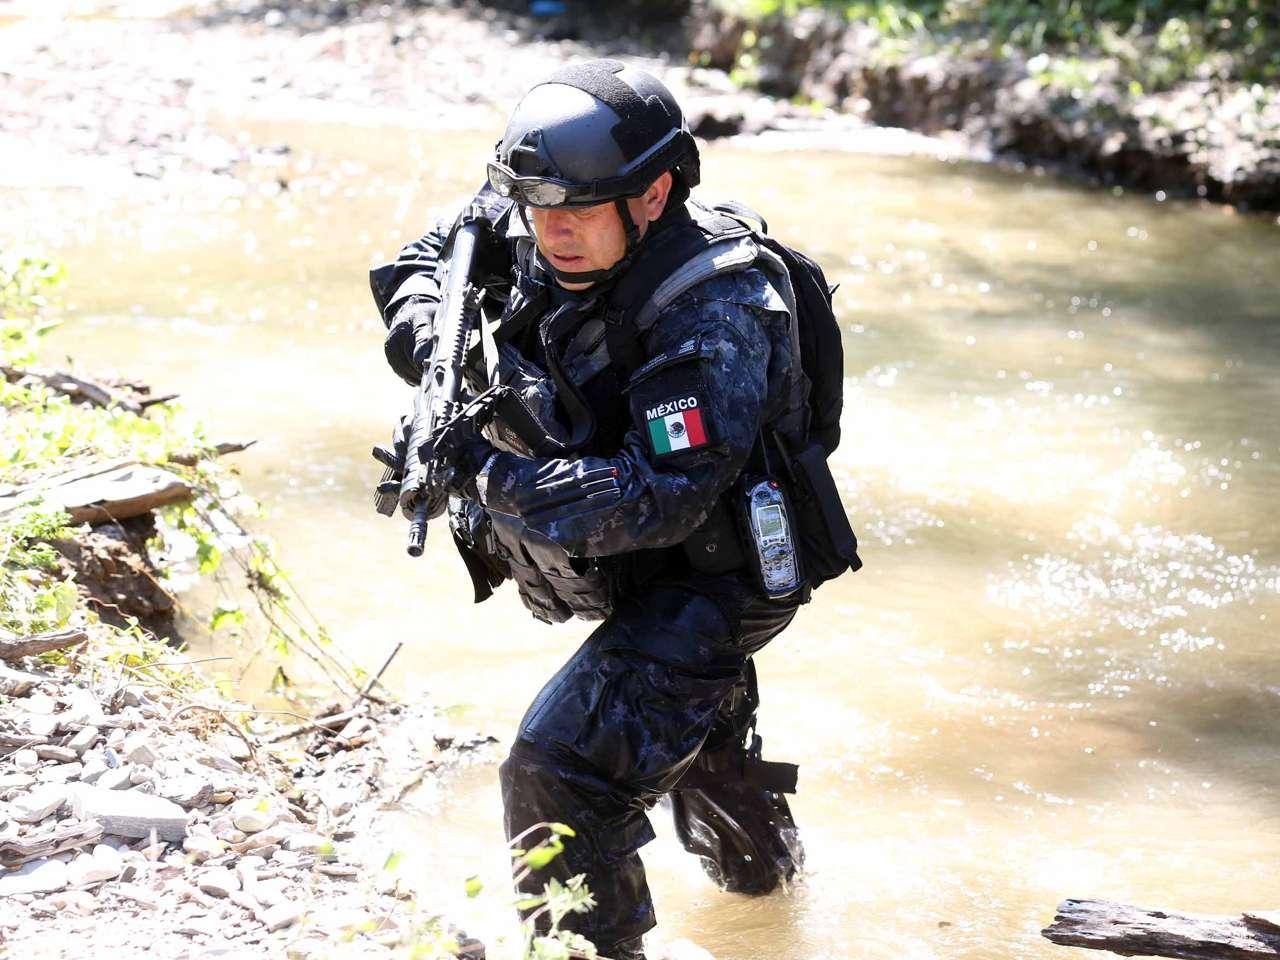 Un buzo de la Policía Federal murió durante las labores de búsqueda de los 43 estudiantes de la Normal Rural de Ayotzinapa en el río Cocula. Foto: Comisión Nacional de Seguridad (CNS)